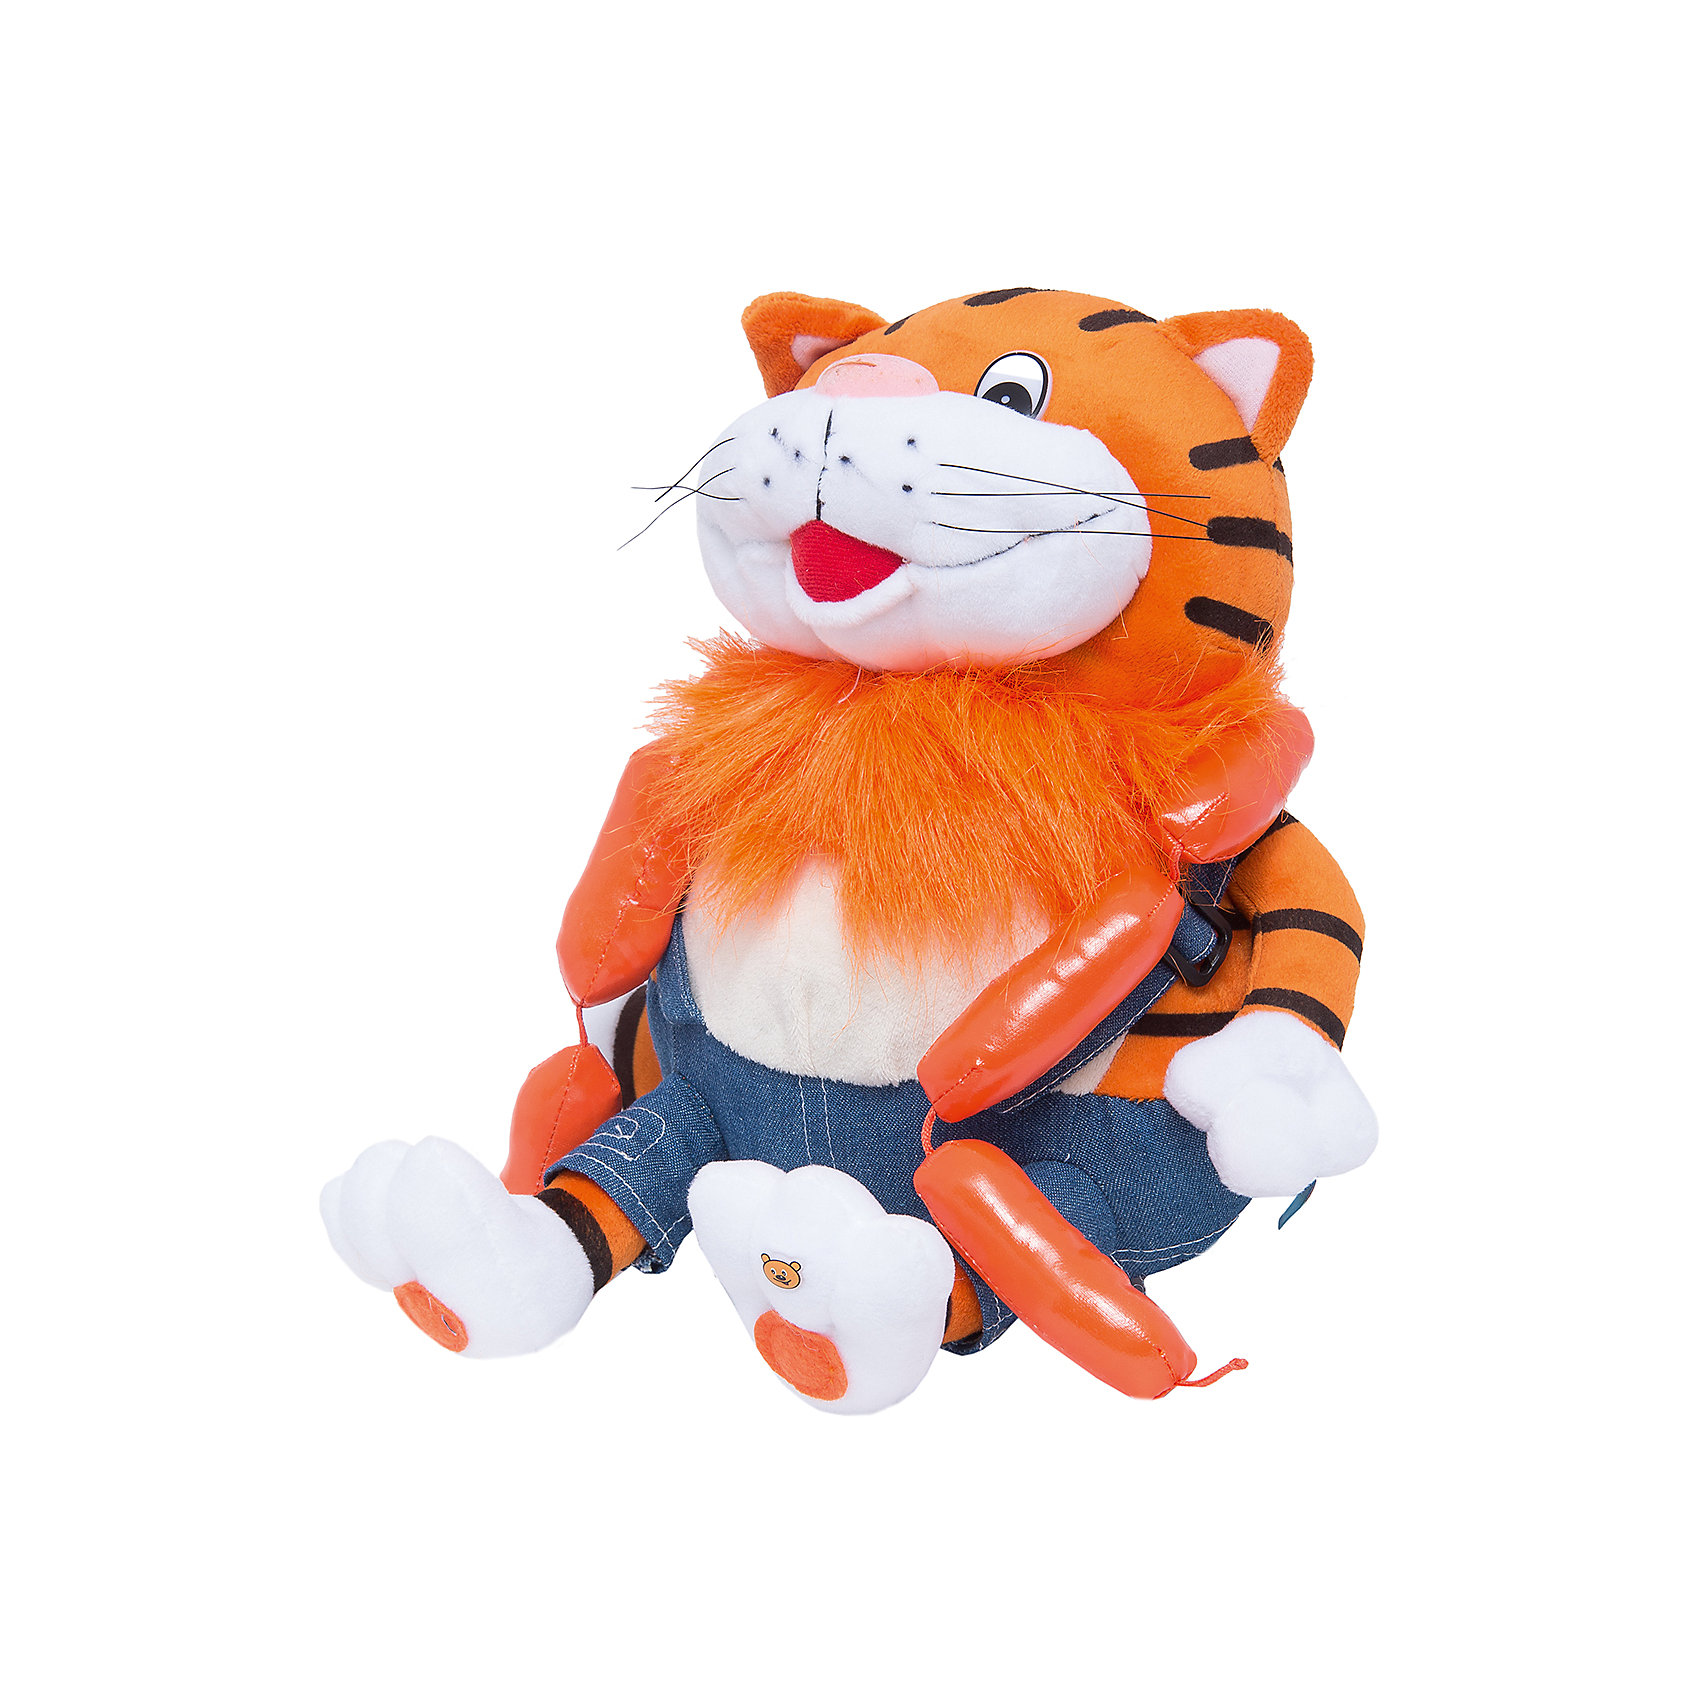 Мягкая игрушка Кот с сосисками, 25 см, МУЛЬТИ-ПУЛЬТИ